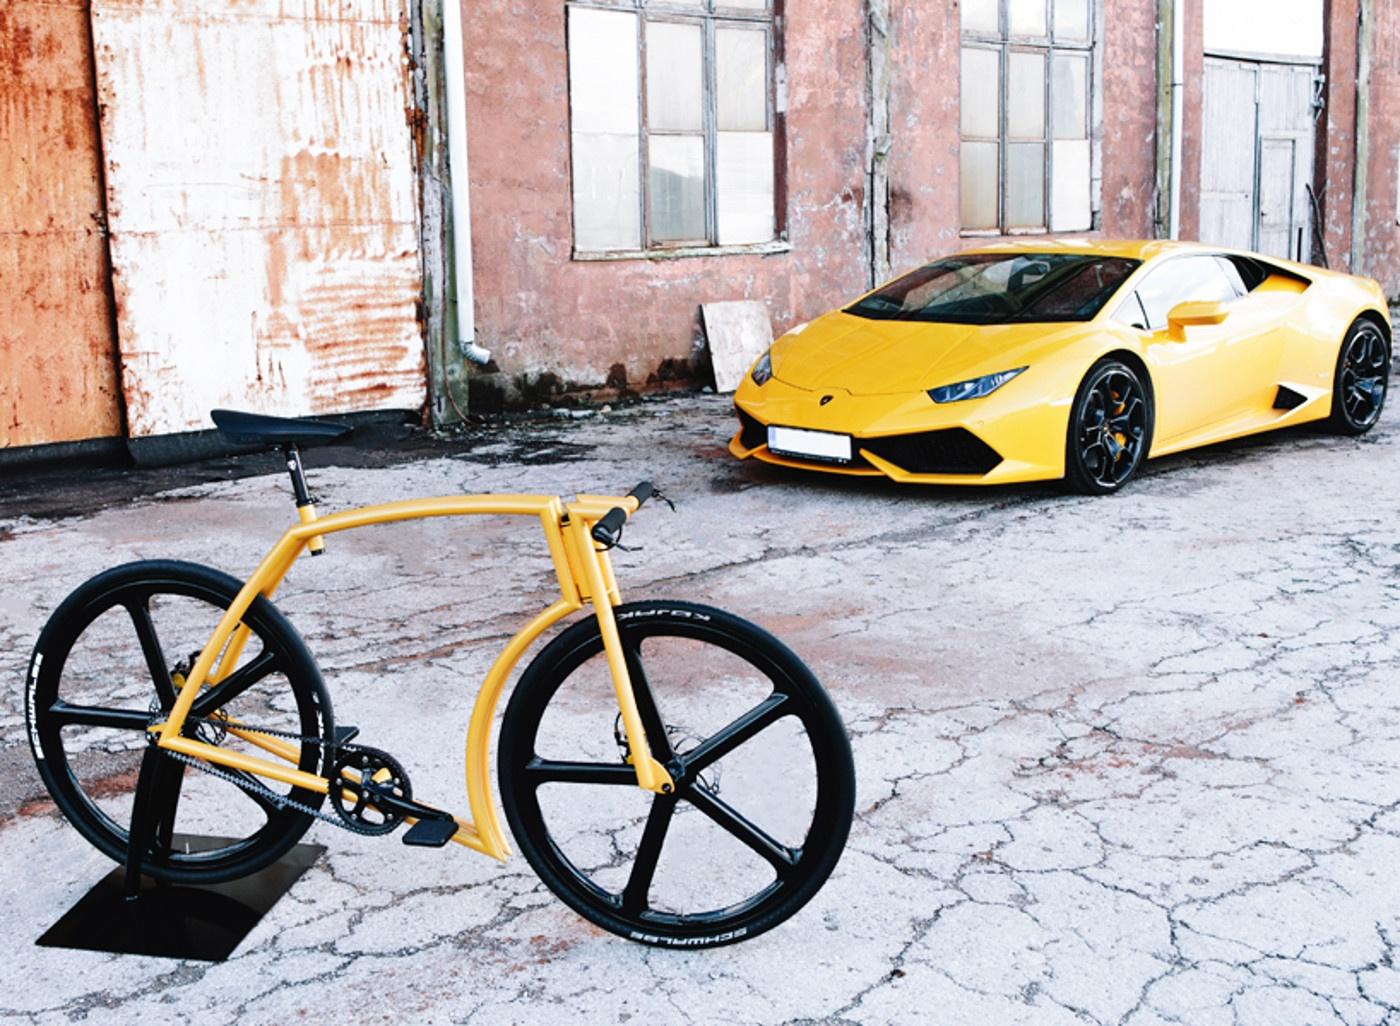 viks_gt_lamborghini_yellow_giallo_midas